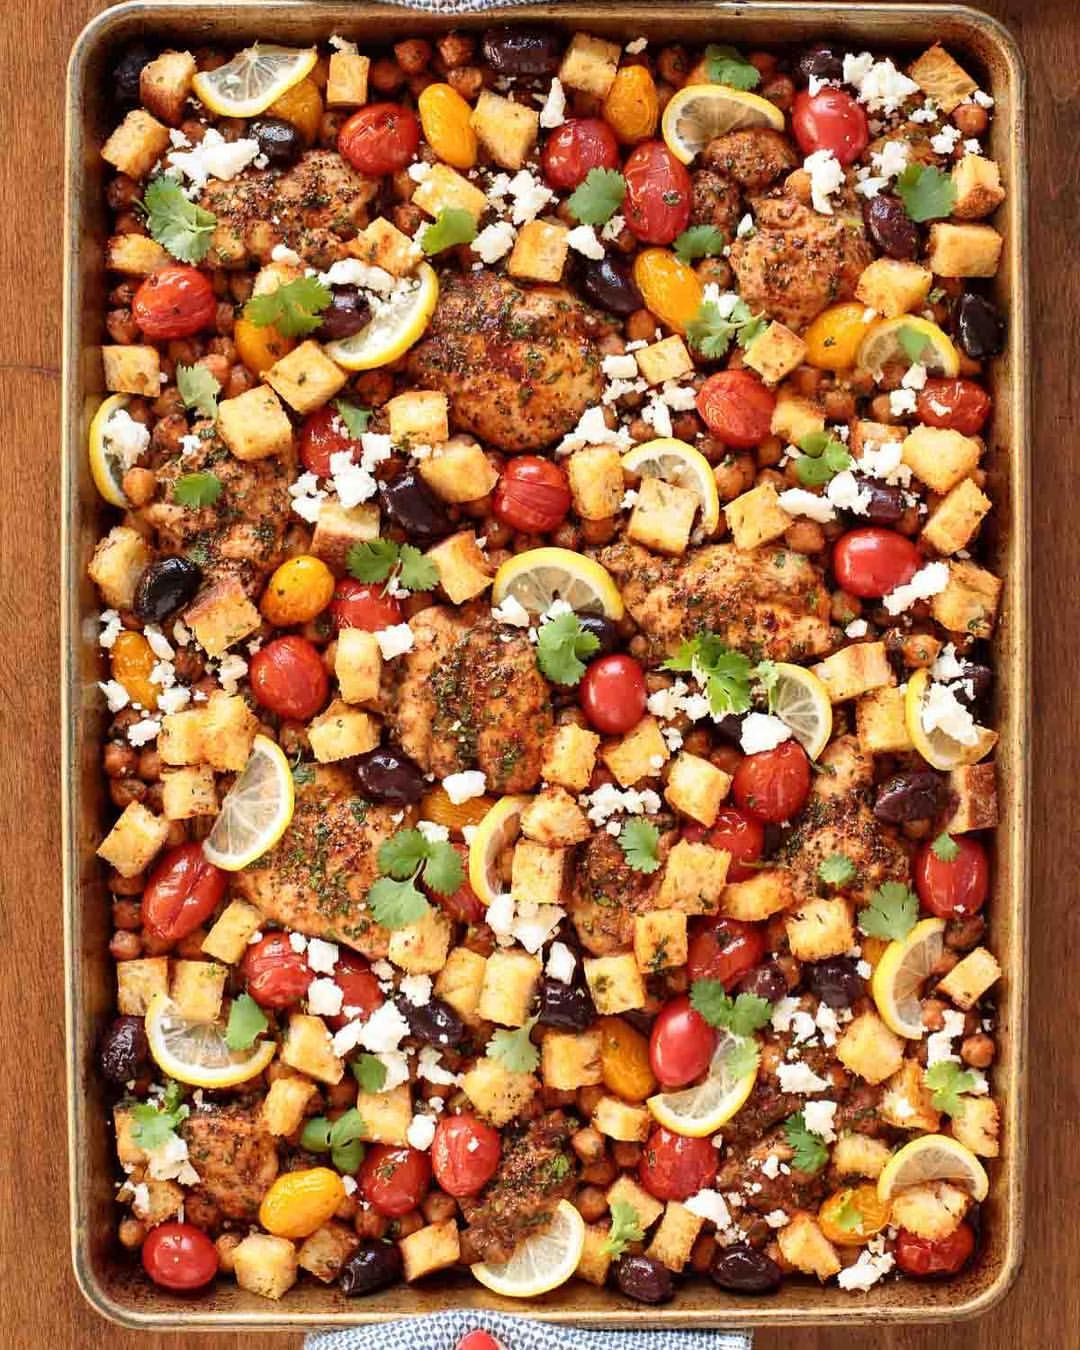 Mediterranean Chicken with Vegetables